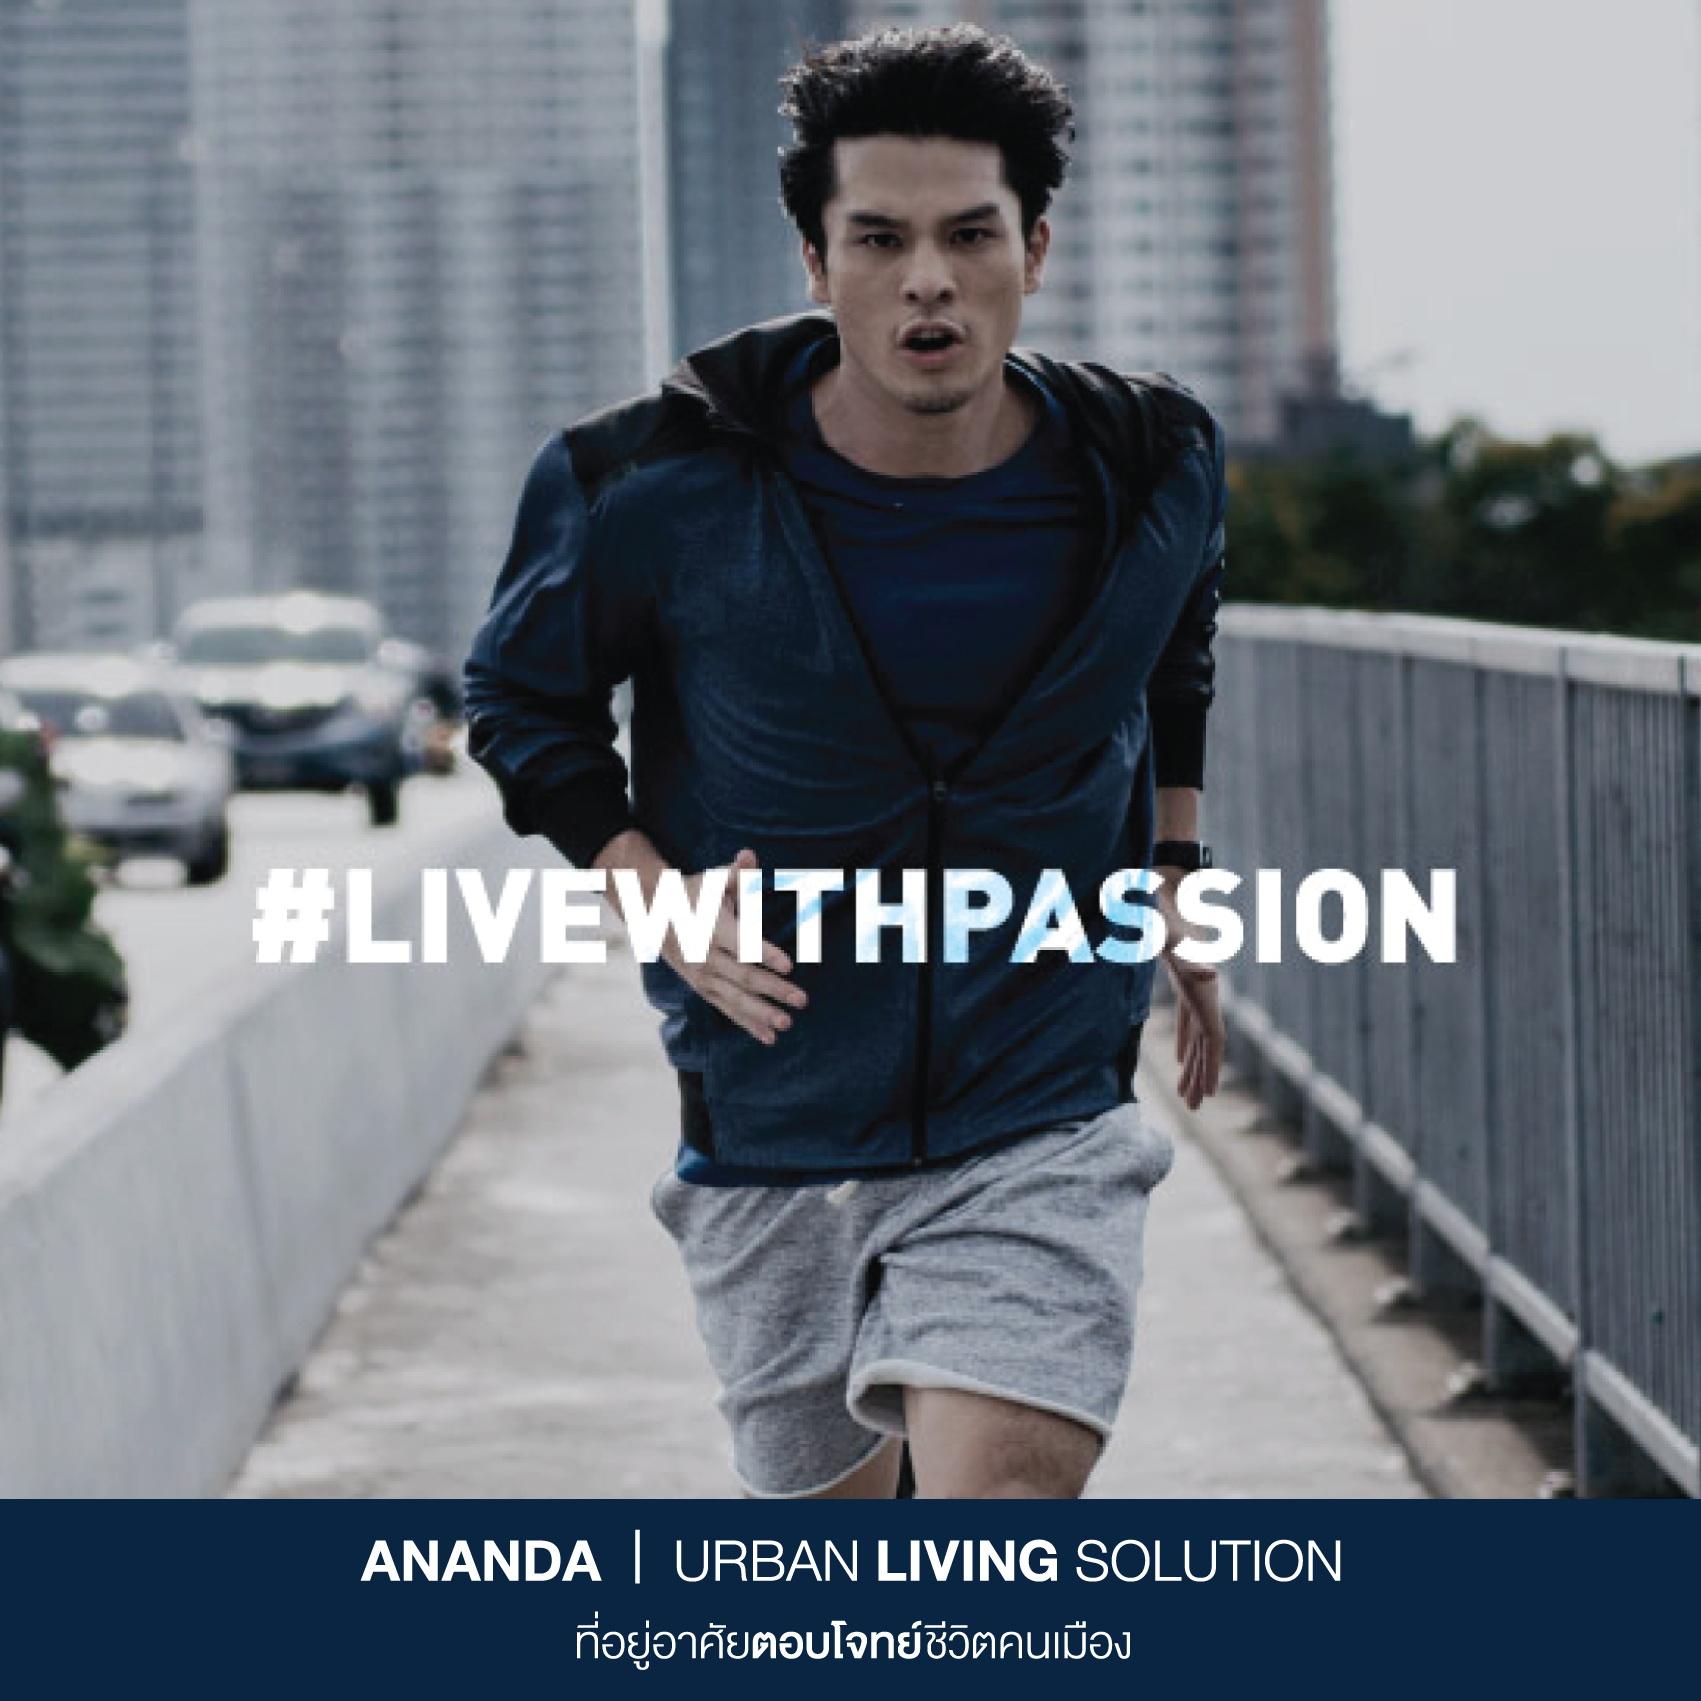 ananda Campaign passion